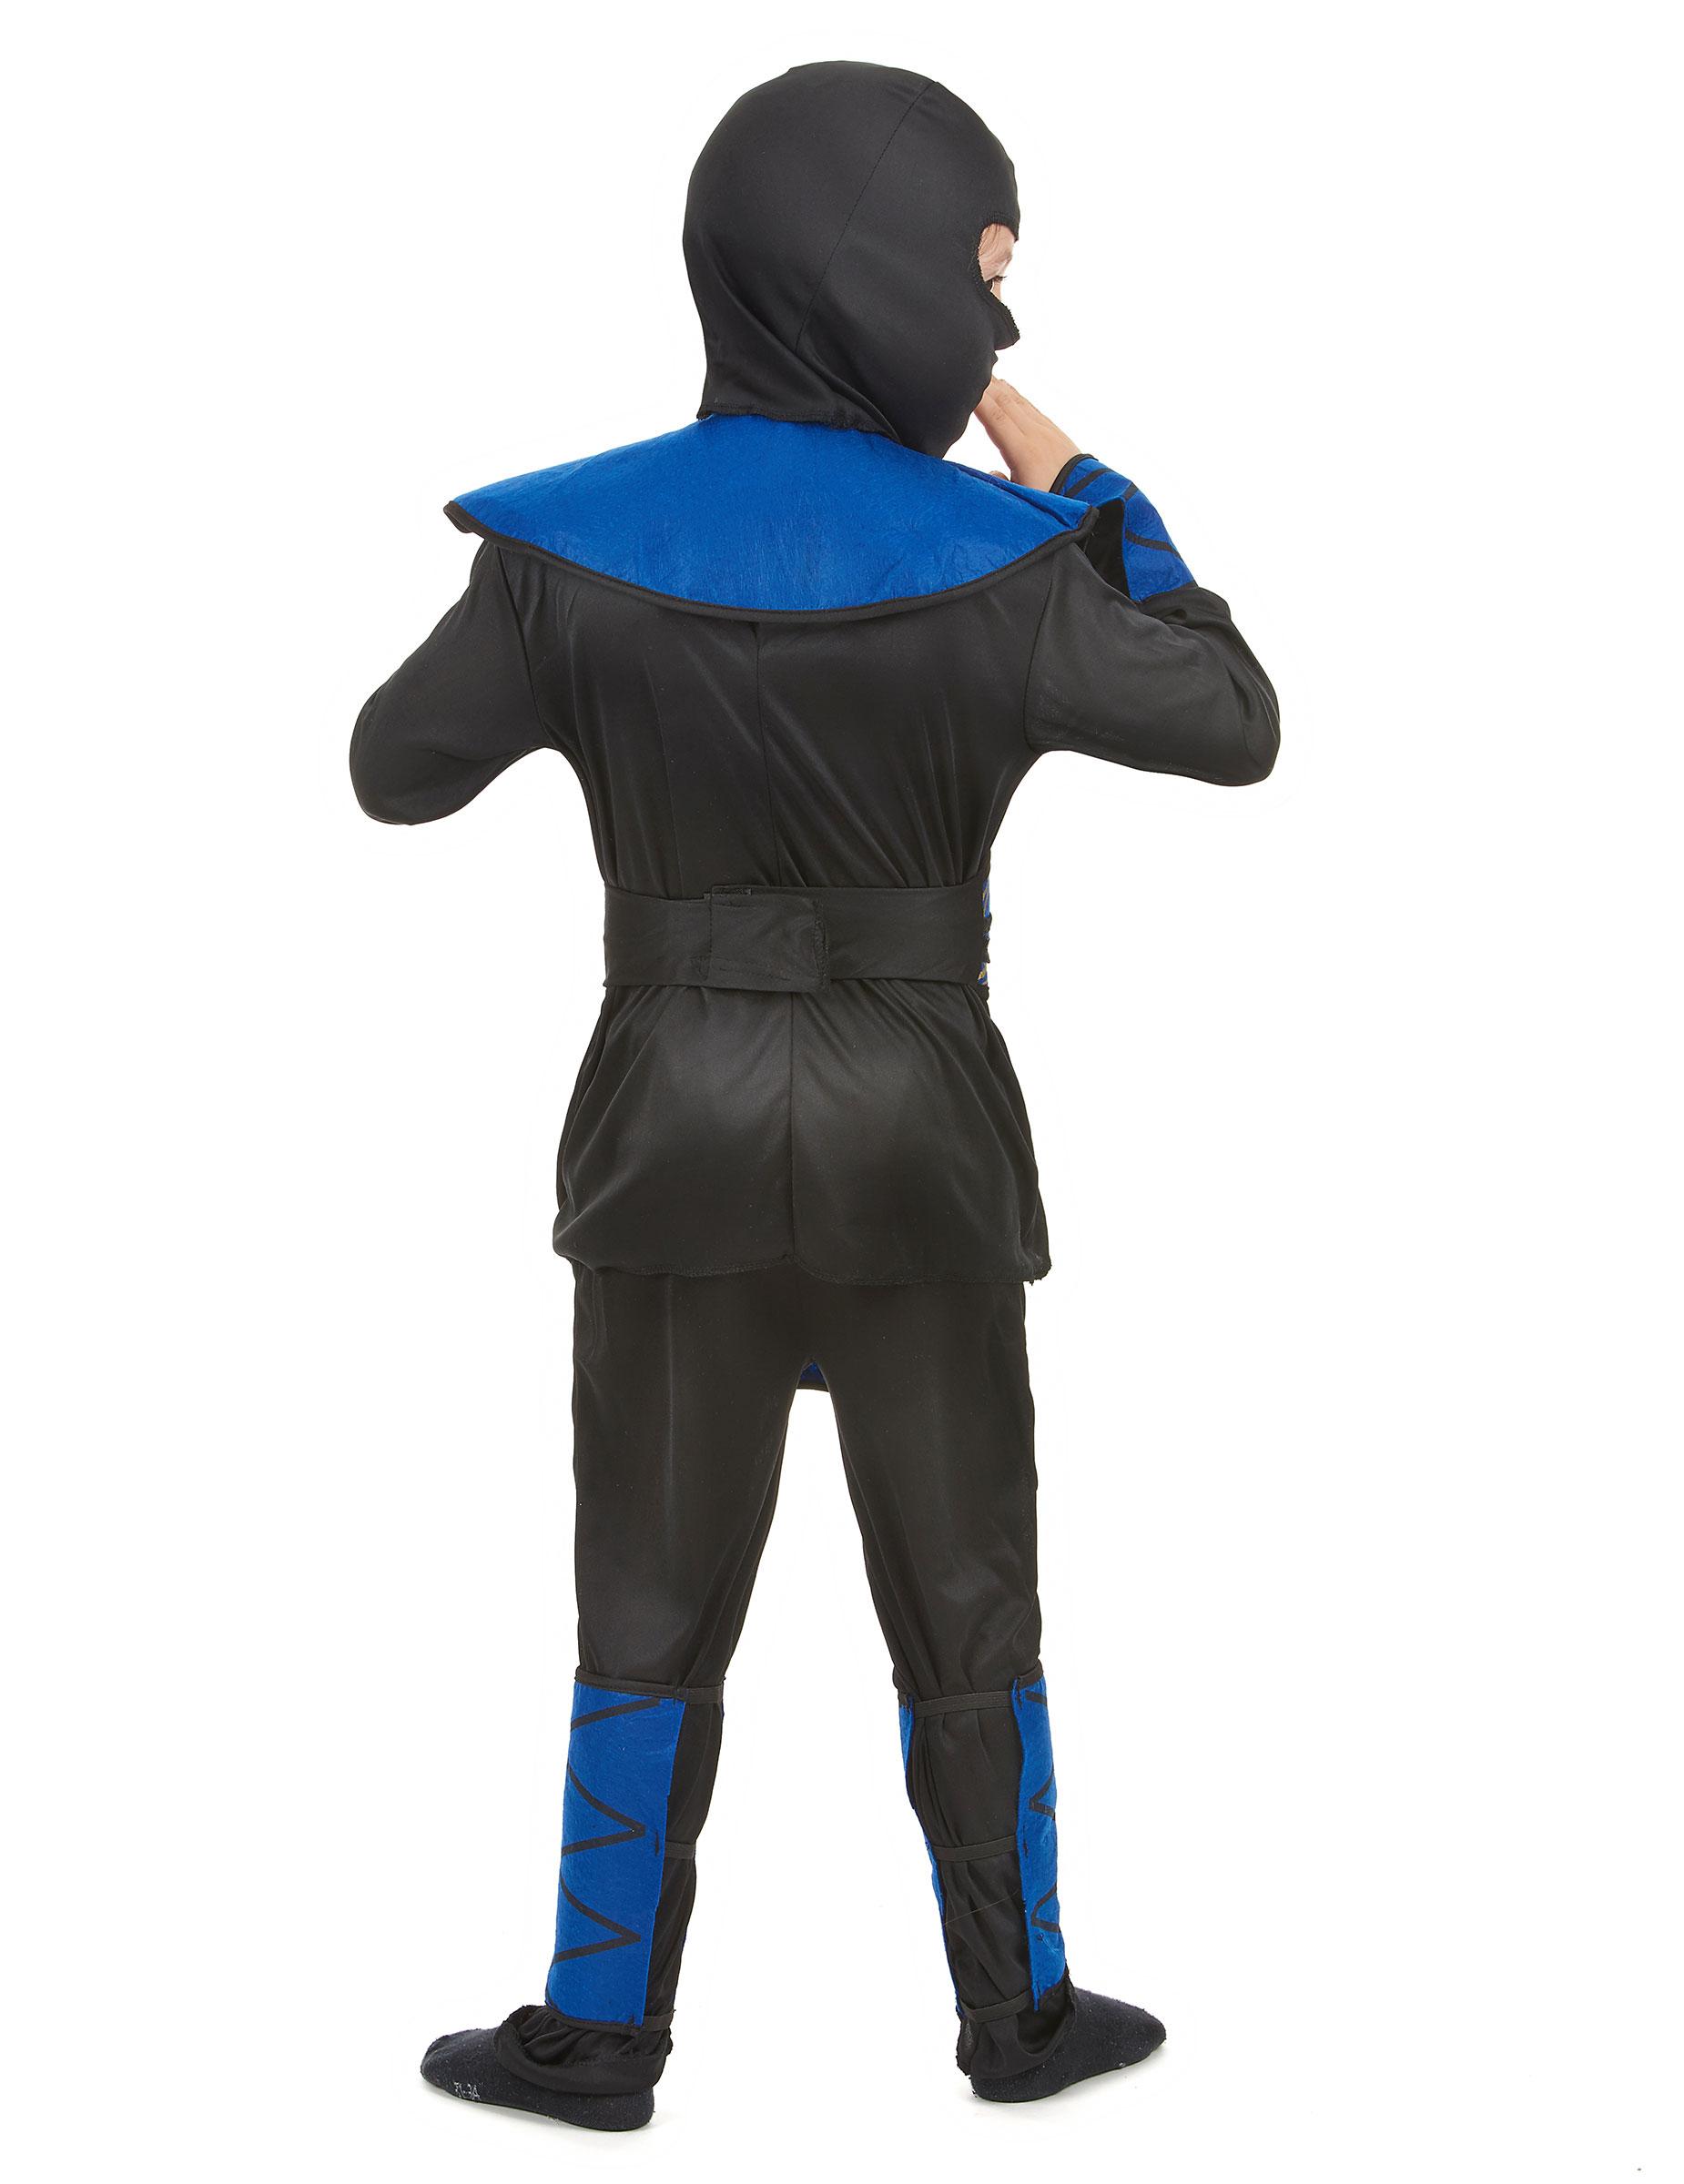 Ninja Jungen Kostüm Blau Schwarz Goldfarben Kostüme Für Kinderund